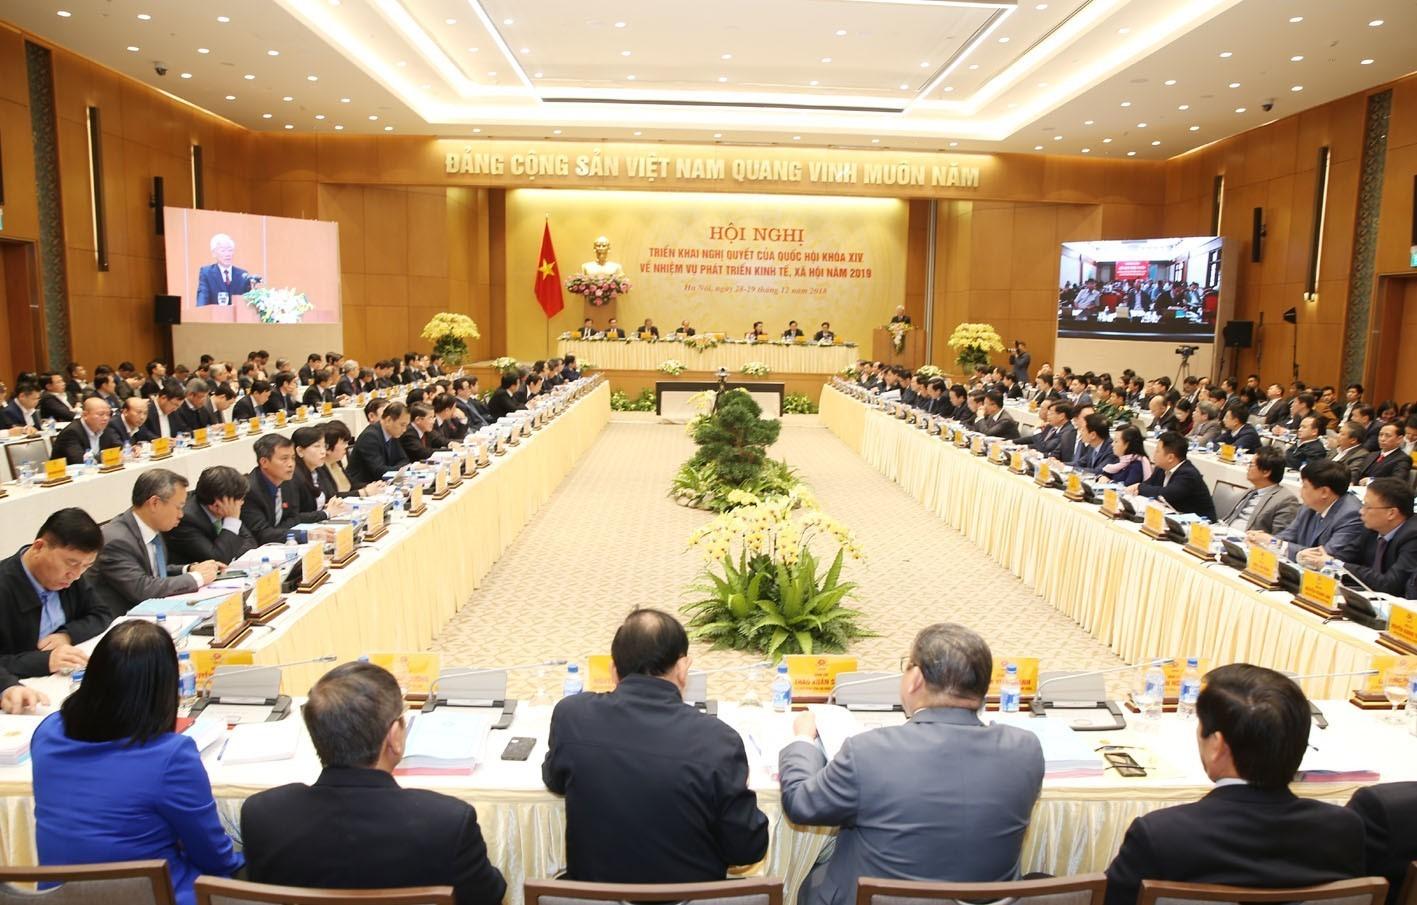 Bộ trưởng Trần Hồng Hà: Thành tựu 2018 'ngoạn mục như hiện tượng bóng đá' - Ảnh 1